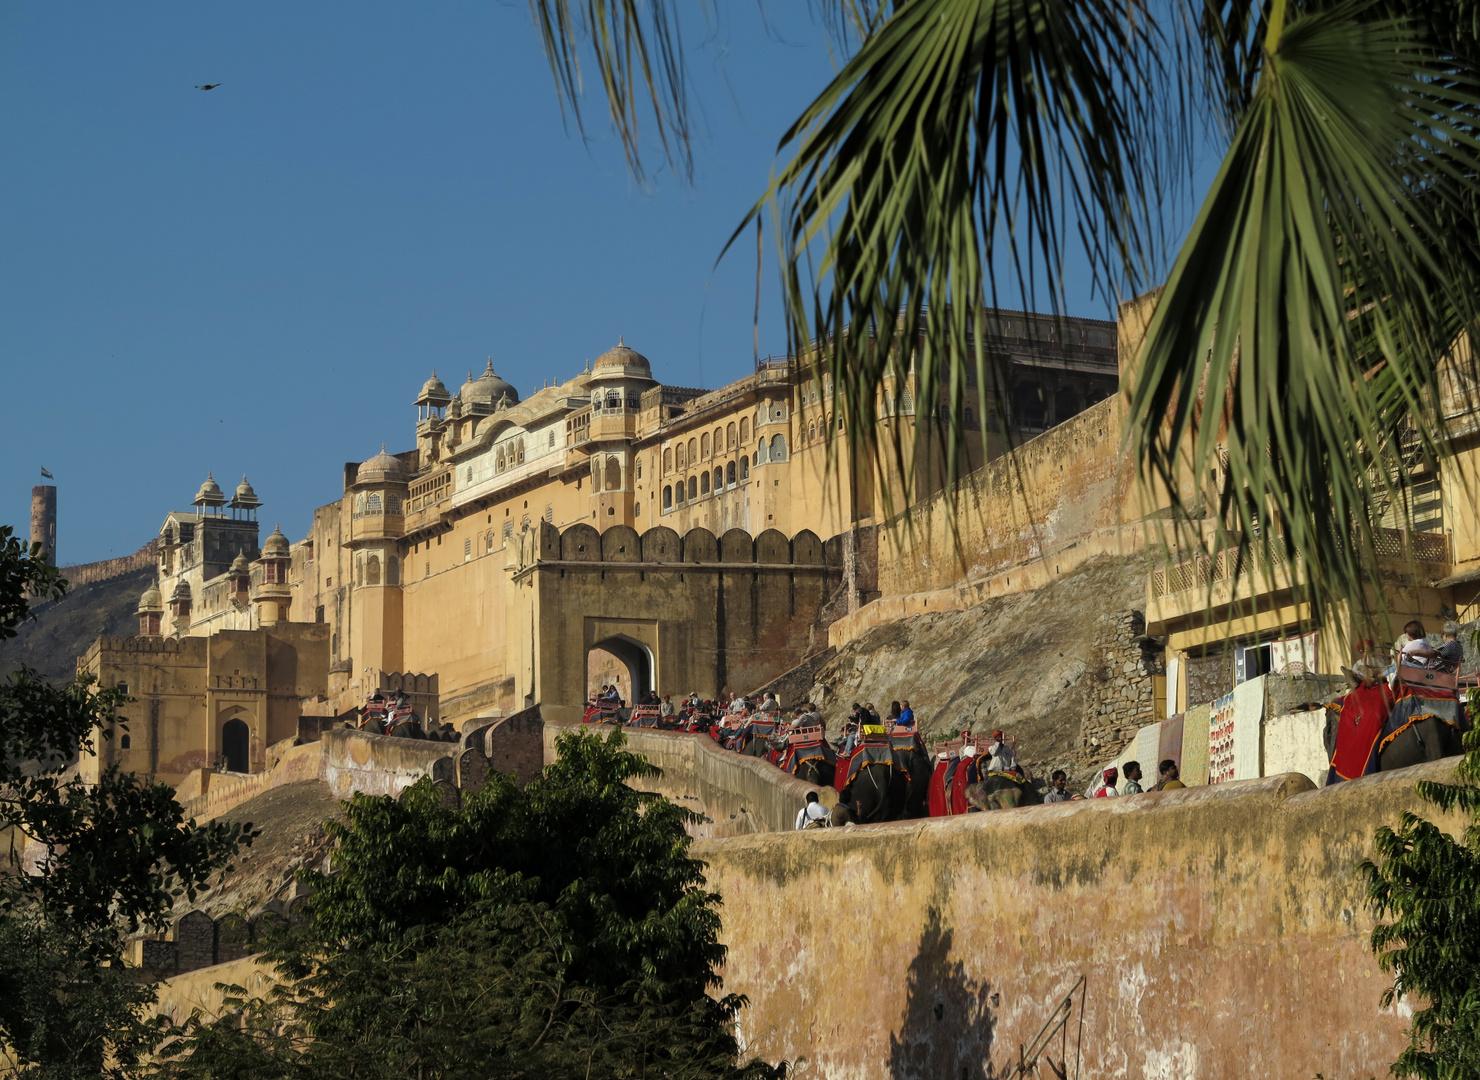 INDIEN - Amber Palace mit viele Elefanten